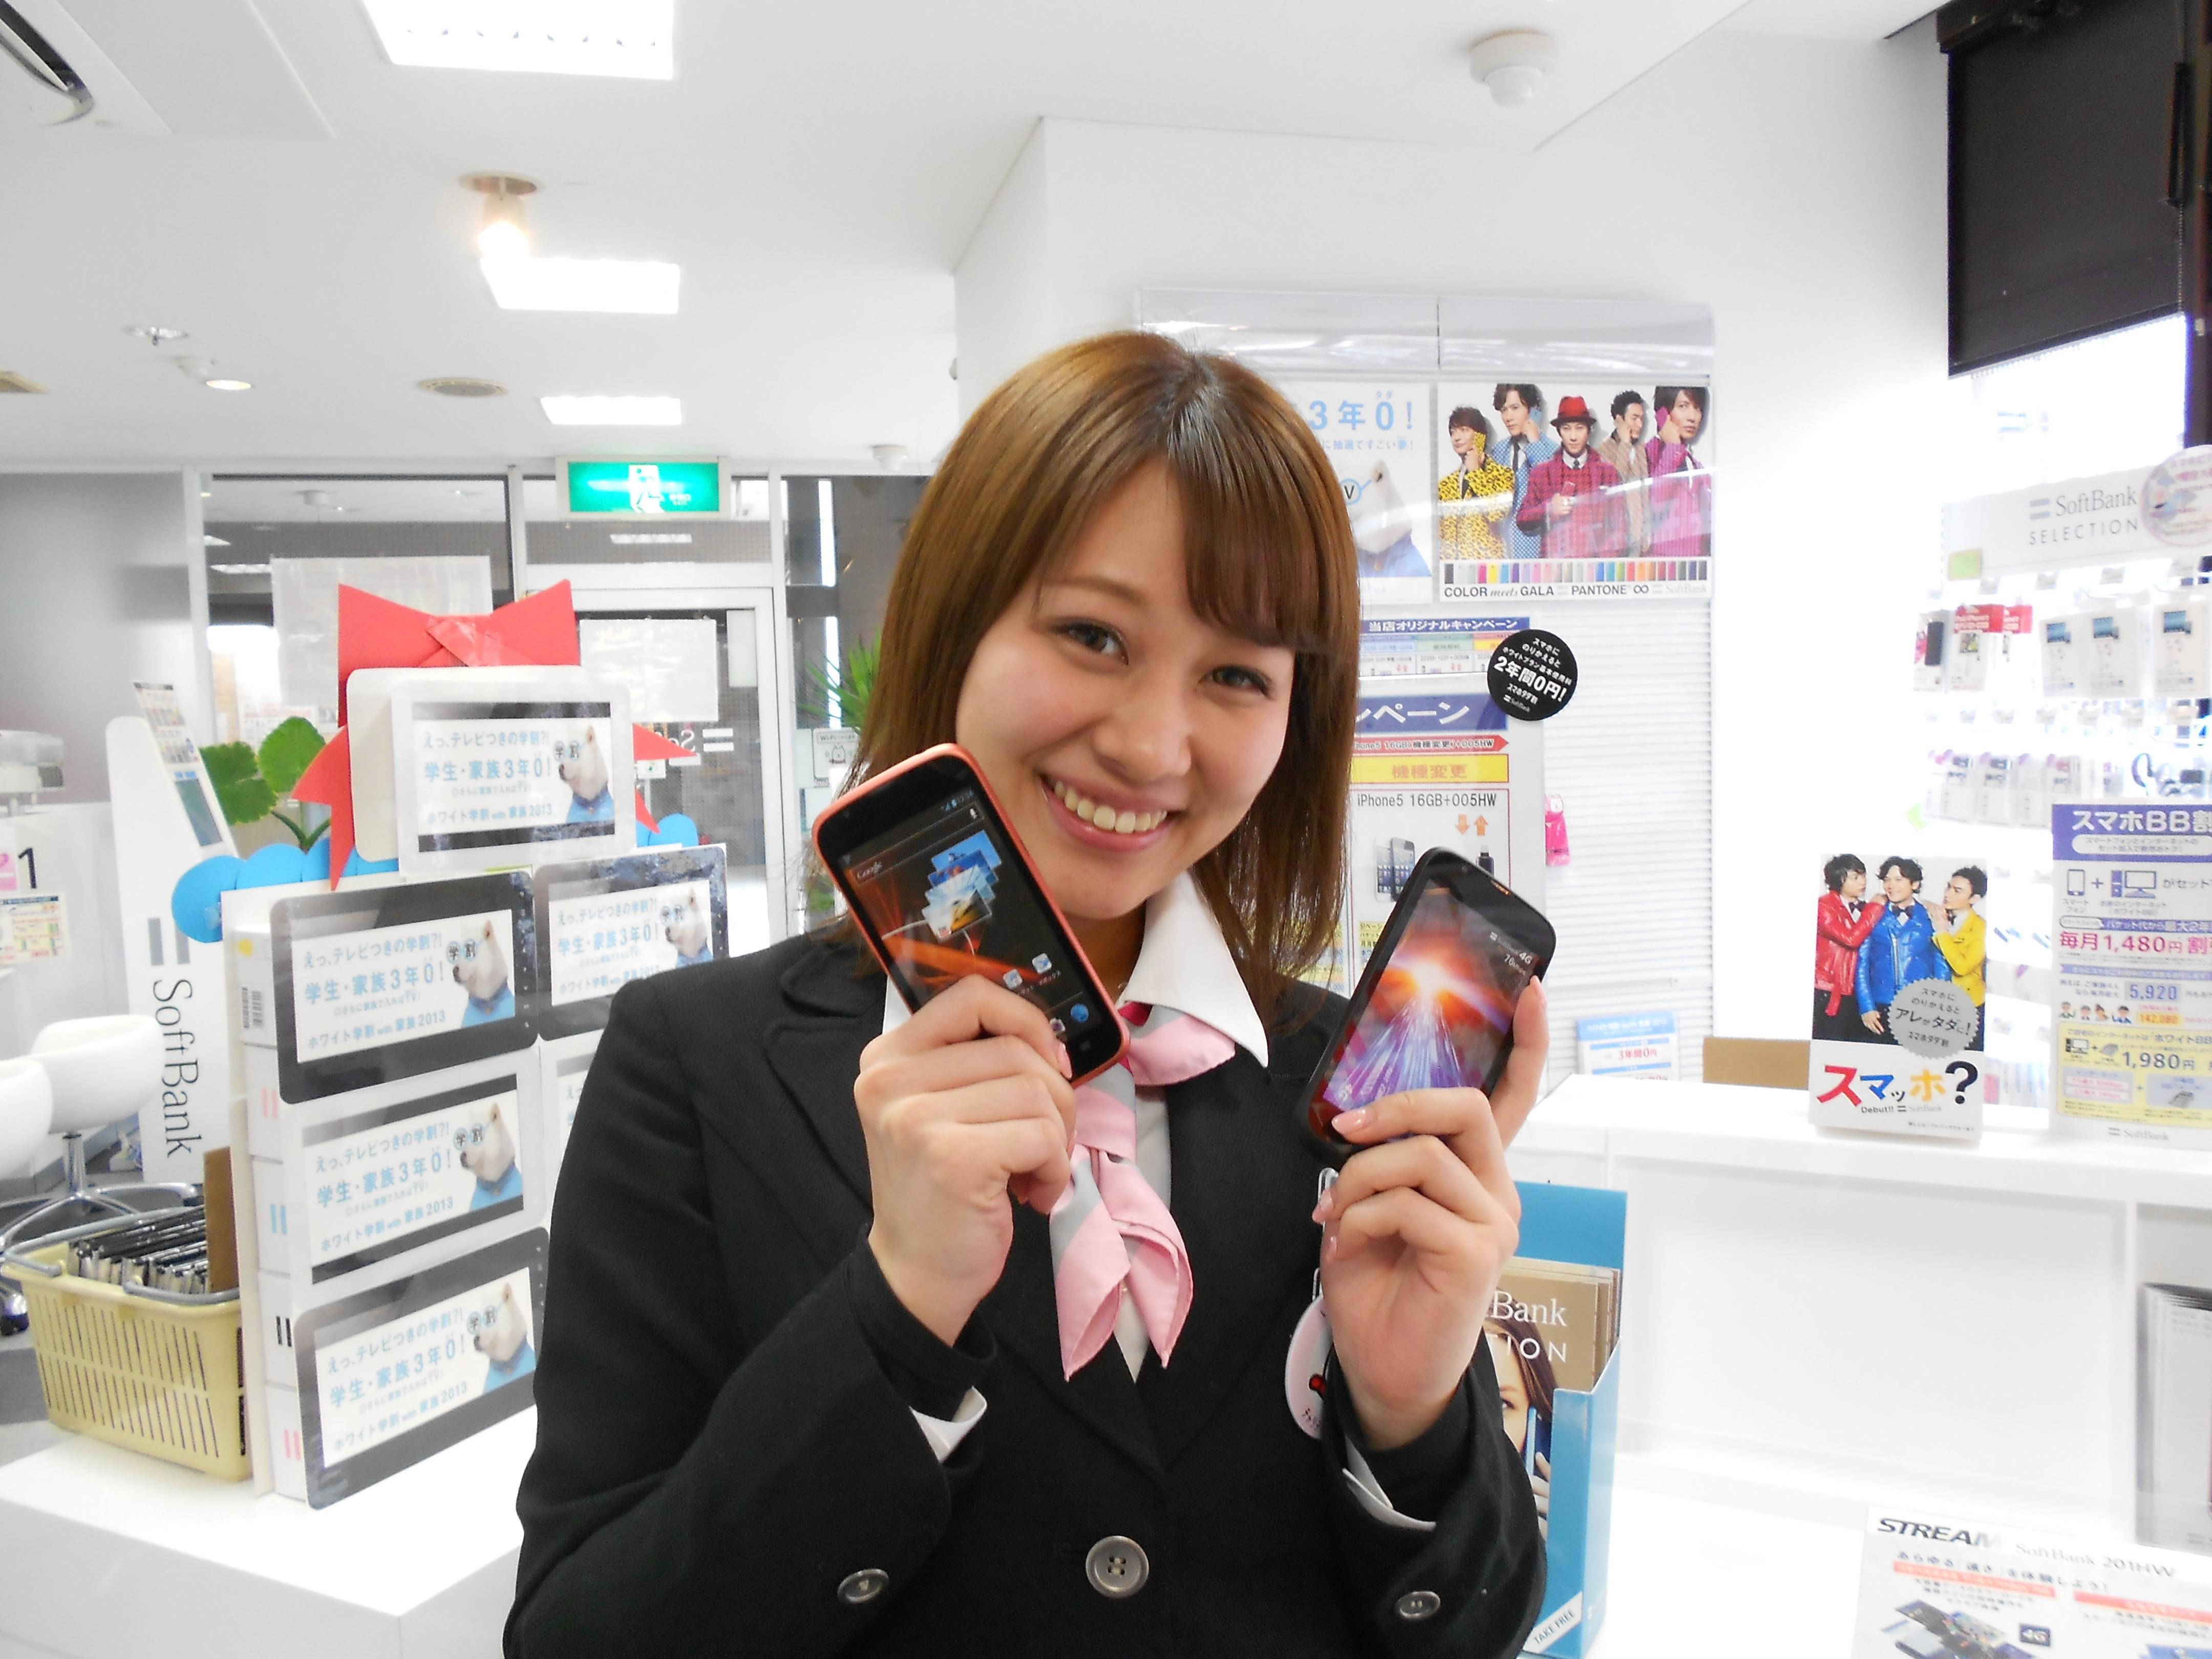 ワイモバイル 都賀(株式会社シエロ)のアルバイト情報